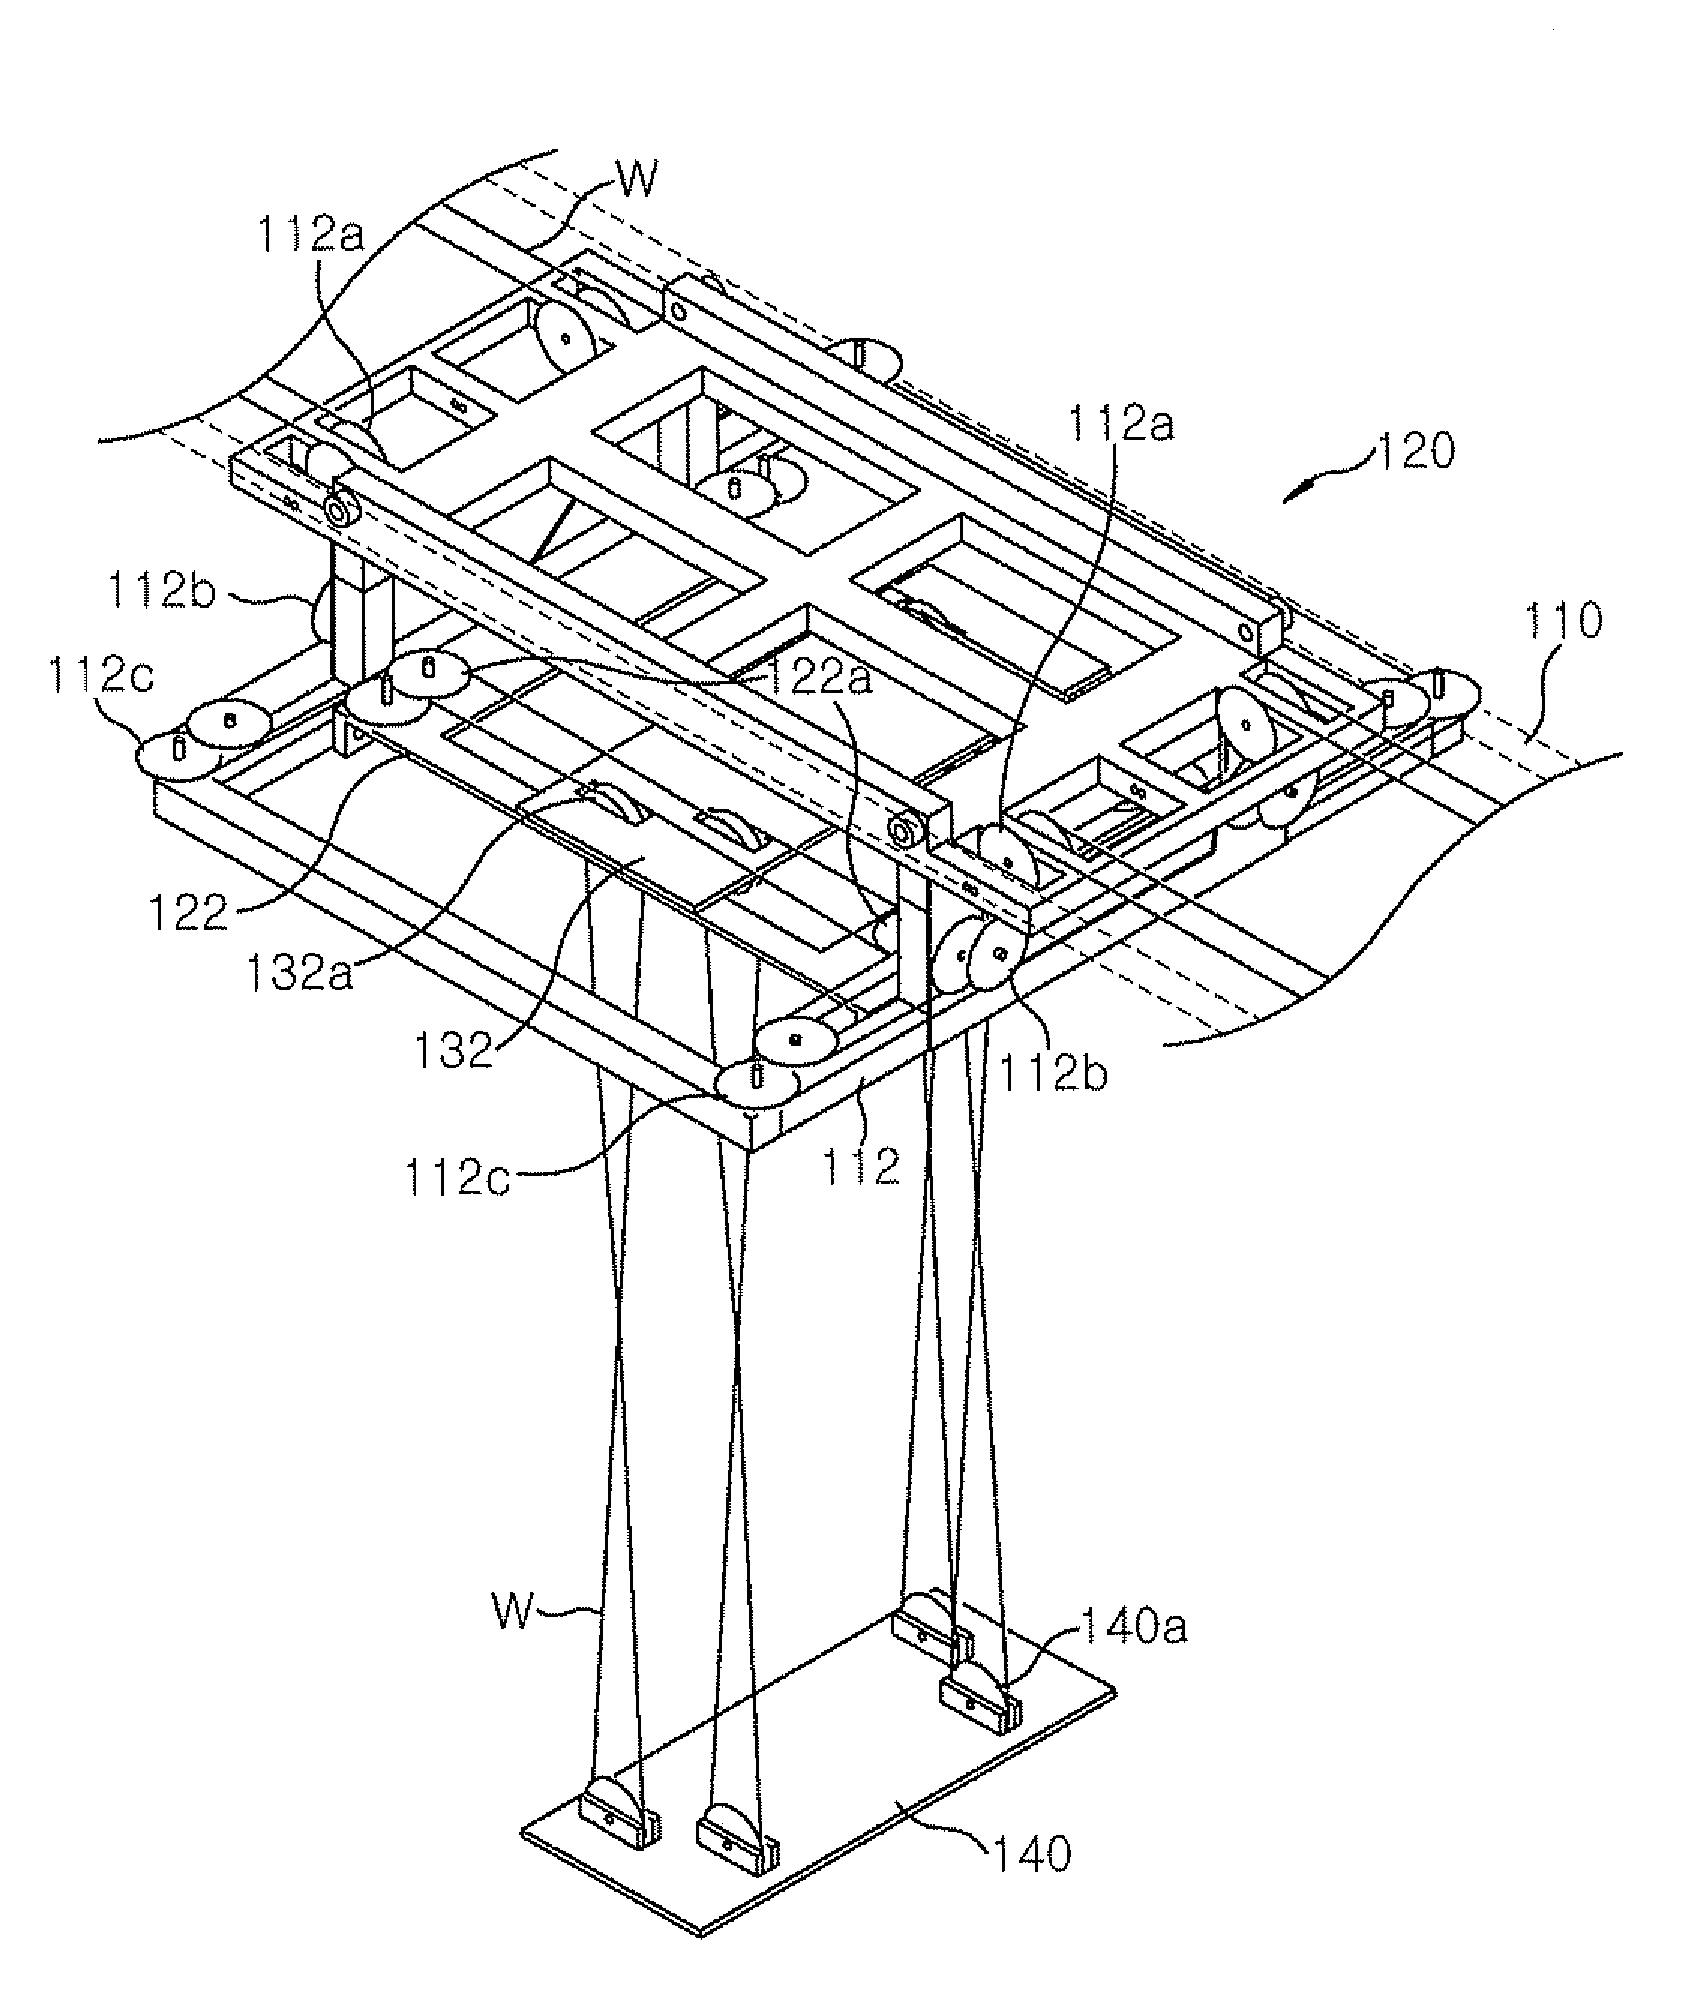 Dorable parker stinger pickups diagram ensign diagram wiring ideas